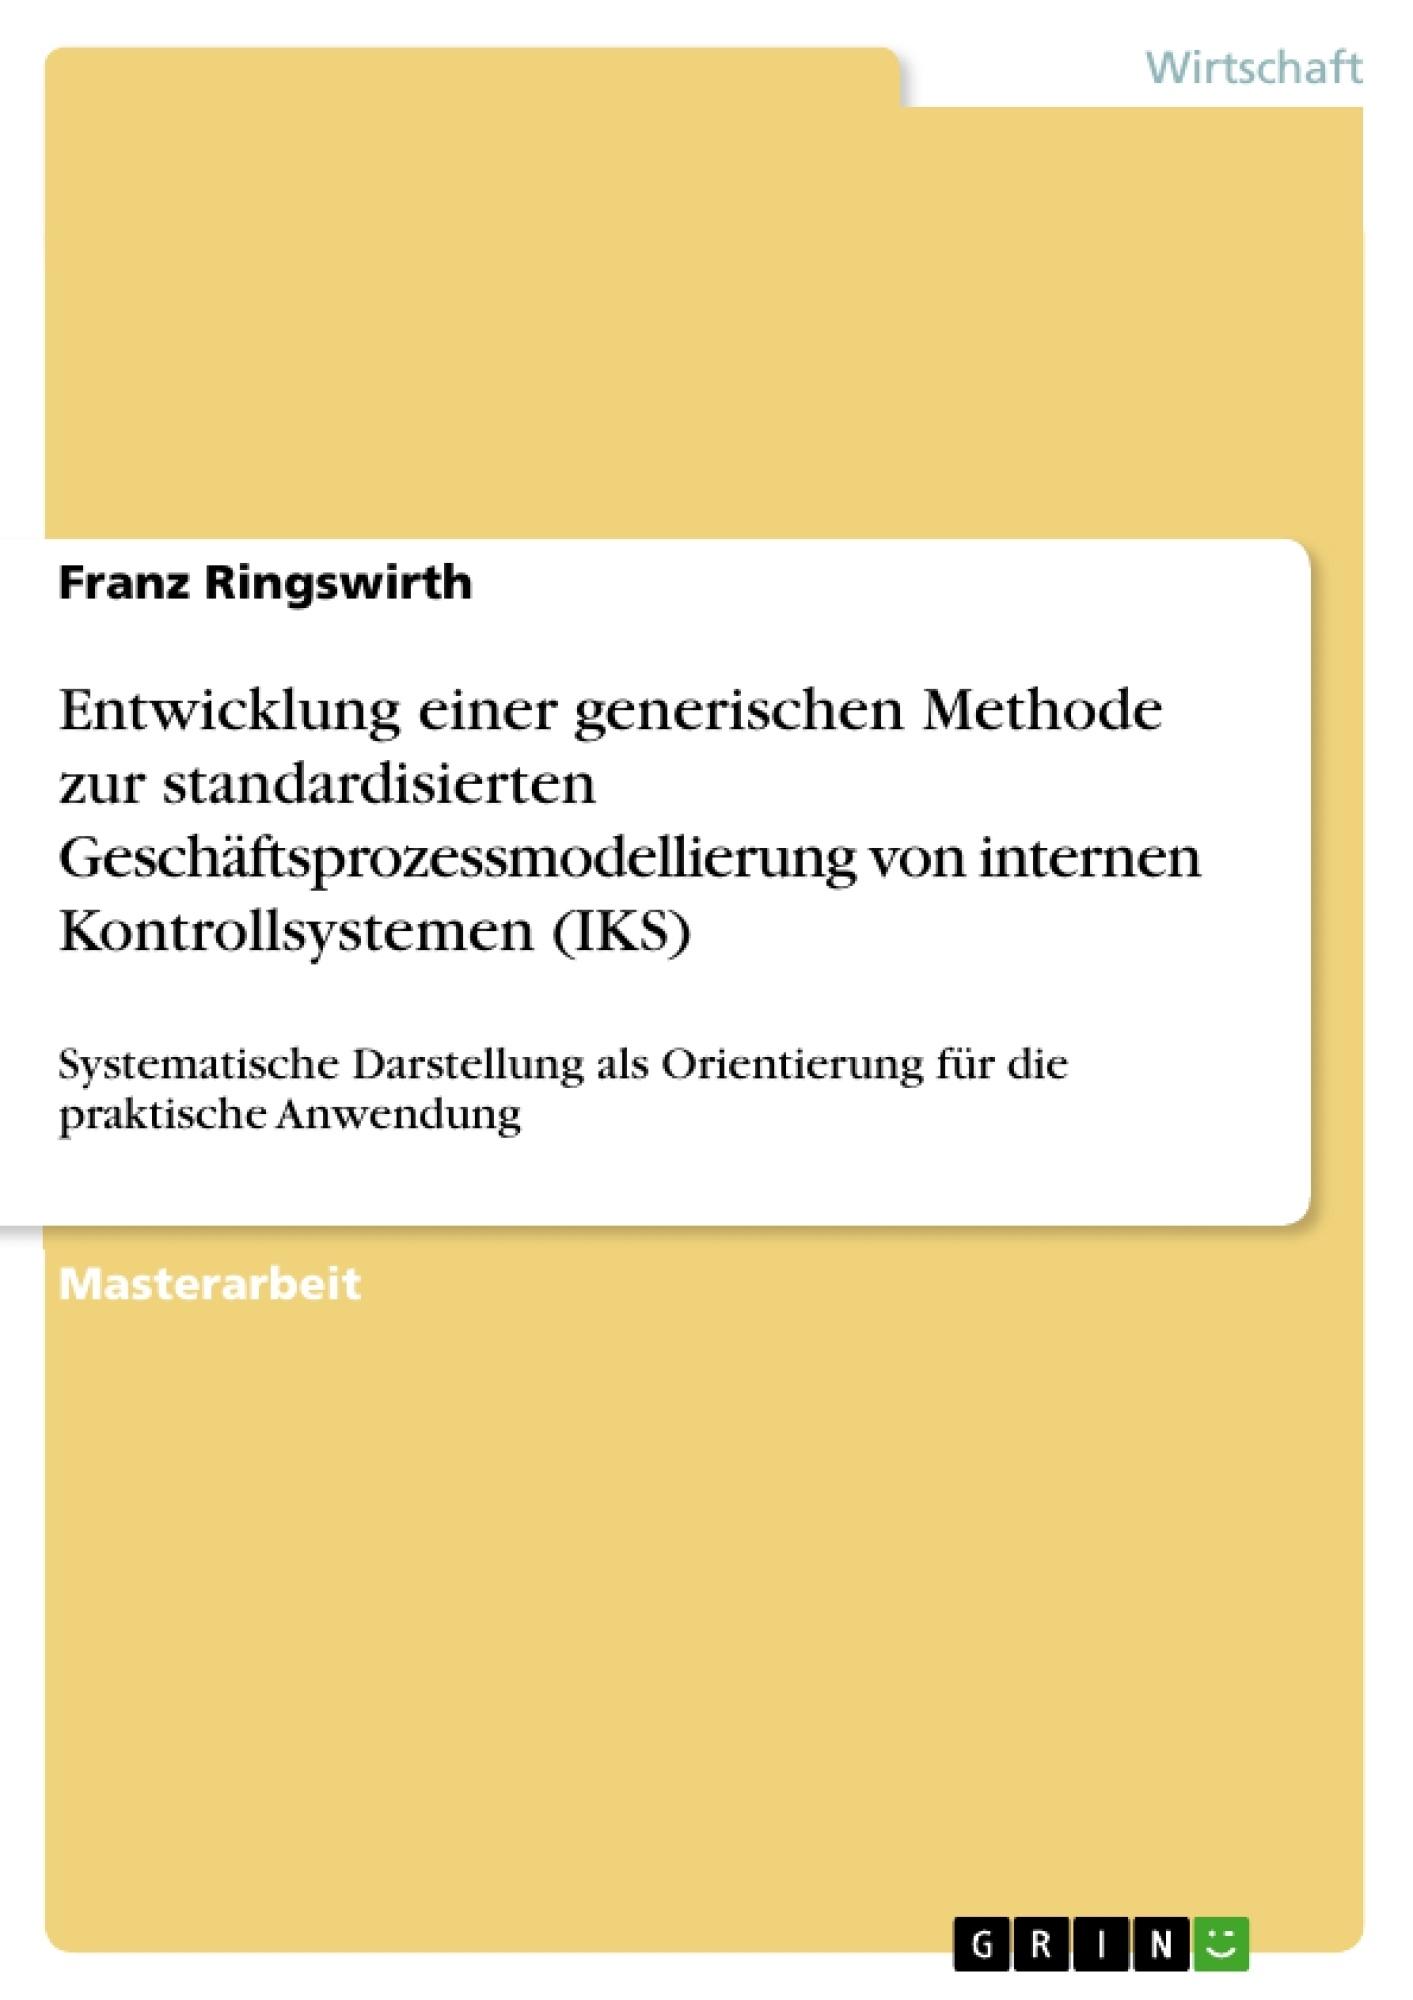 Titel: Entwicklung einer generischen Methode zur standardisierten Geschäftsprozessmodellierung von internen Kontrollsystemen (IKS)